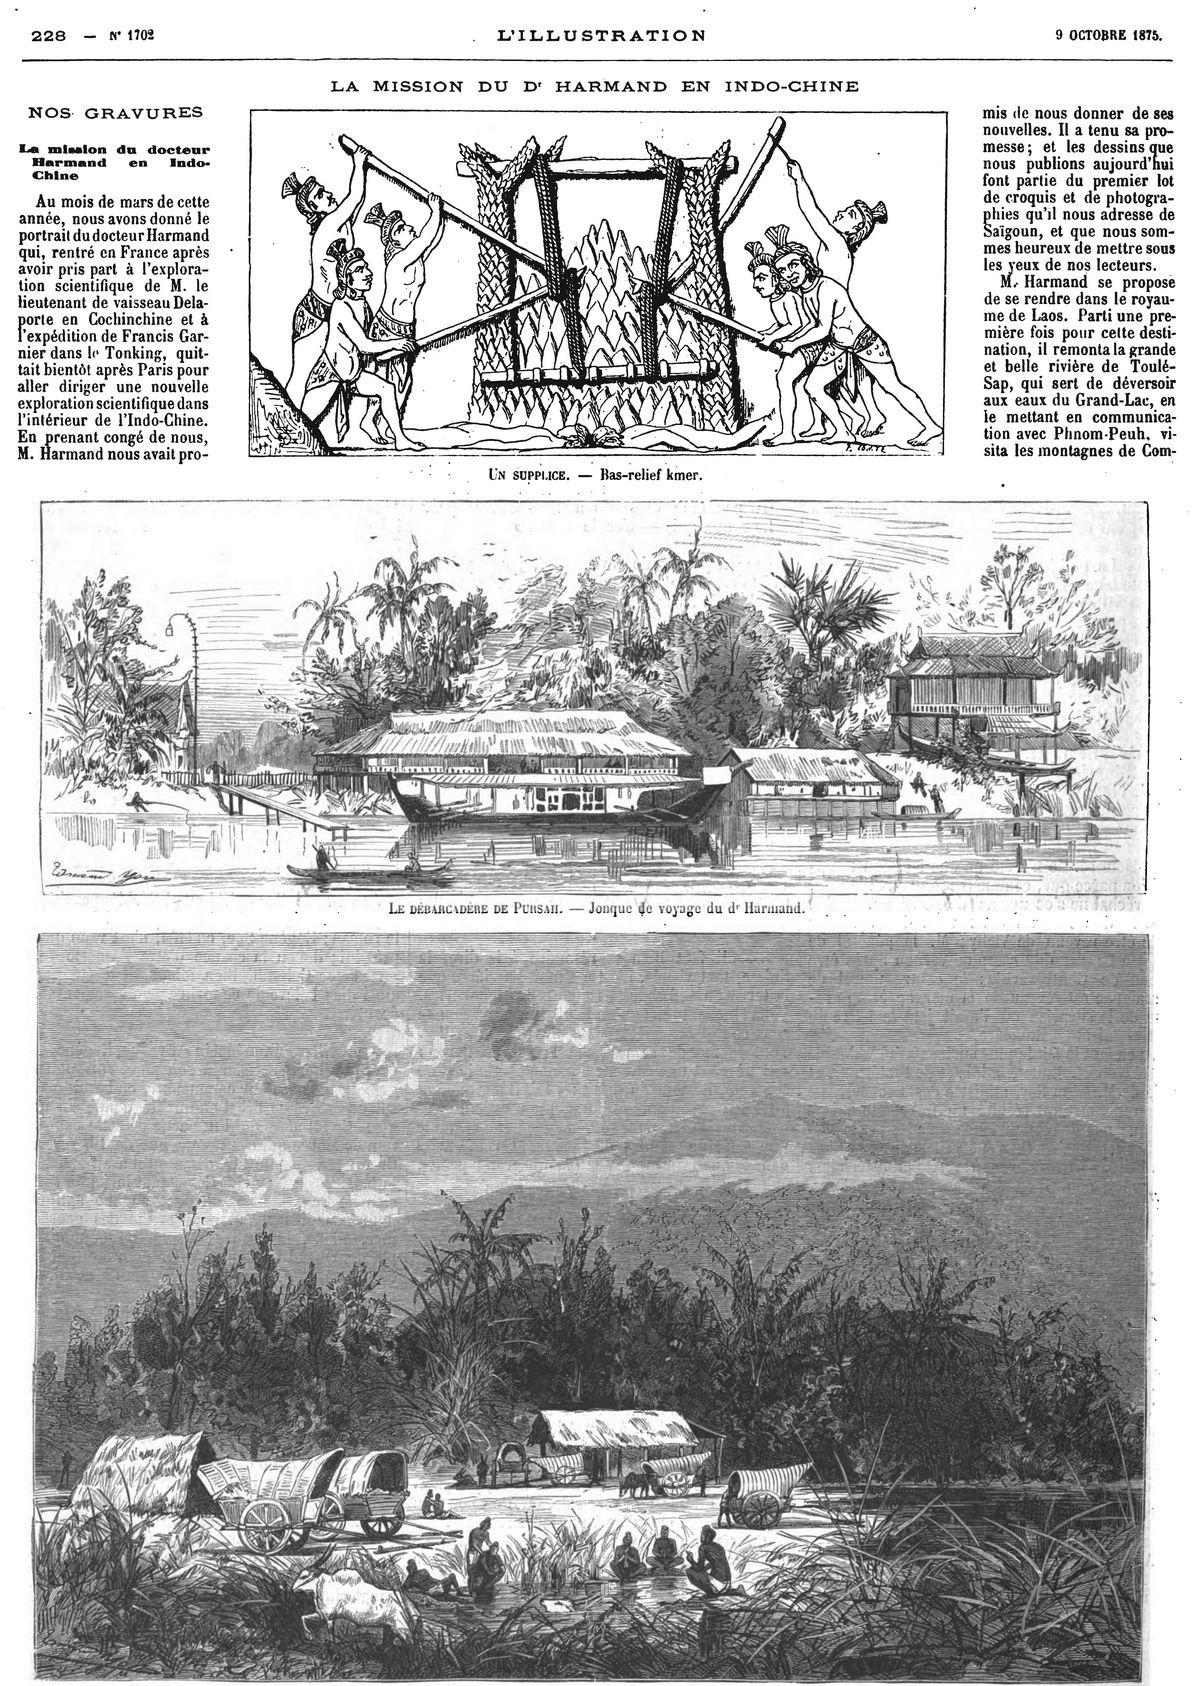 La mission du docteur Harmand en Indochine (3 gravures). 1875